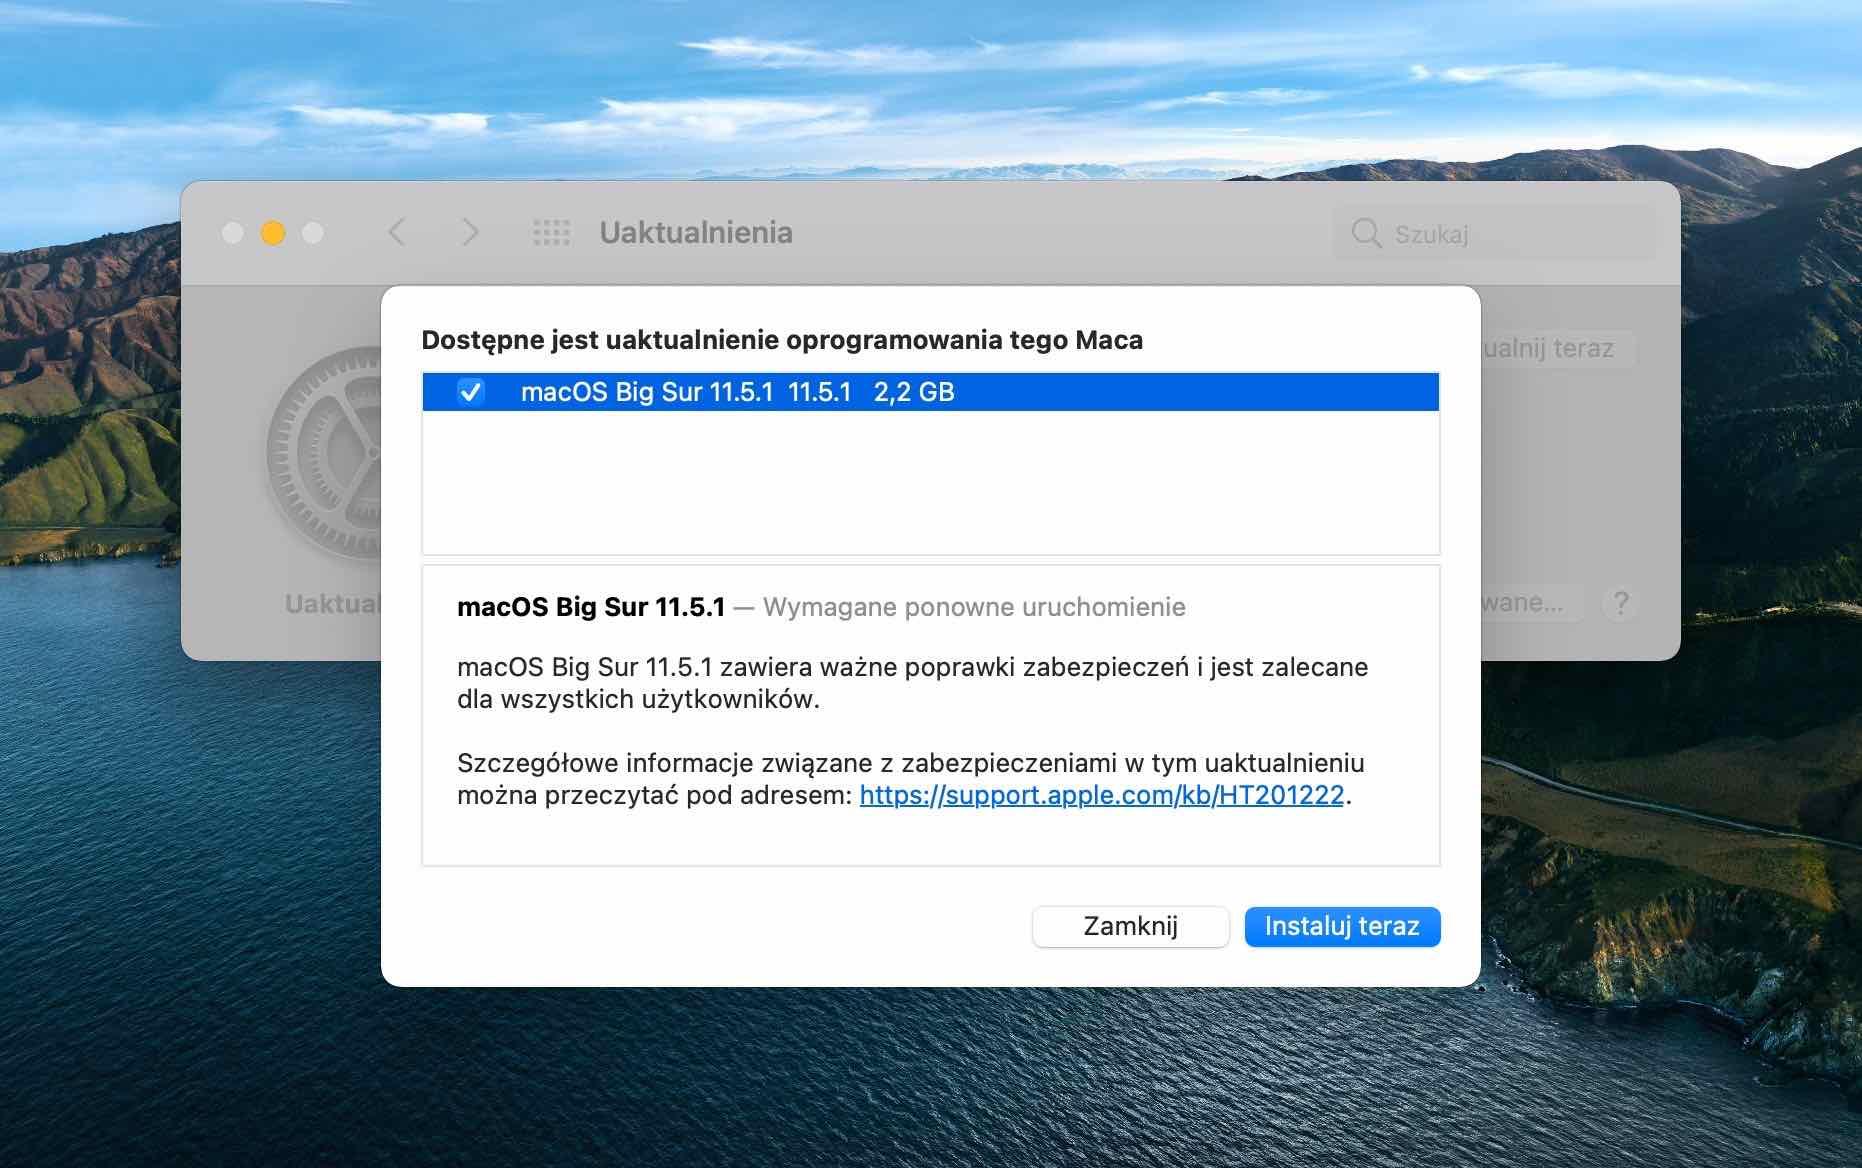 Apple wypuszcza macOS Big Sur 11.5.1 z ważnymi poprawkami bezpieczeństwa polecane, ciekawostki Update, macOS Big Sur 11.5.1, lista zmian, co nowego  Dziś oprócz iOS 14.7.1 i iPadOS 14.7.1 firma Apple wypuściła także nową wersję macOS 11.5.1 Big Sur z ważnymi poprawkami bezpieczeństwa. Poniżej oficjalna lista zmian. macos 11 5 1